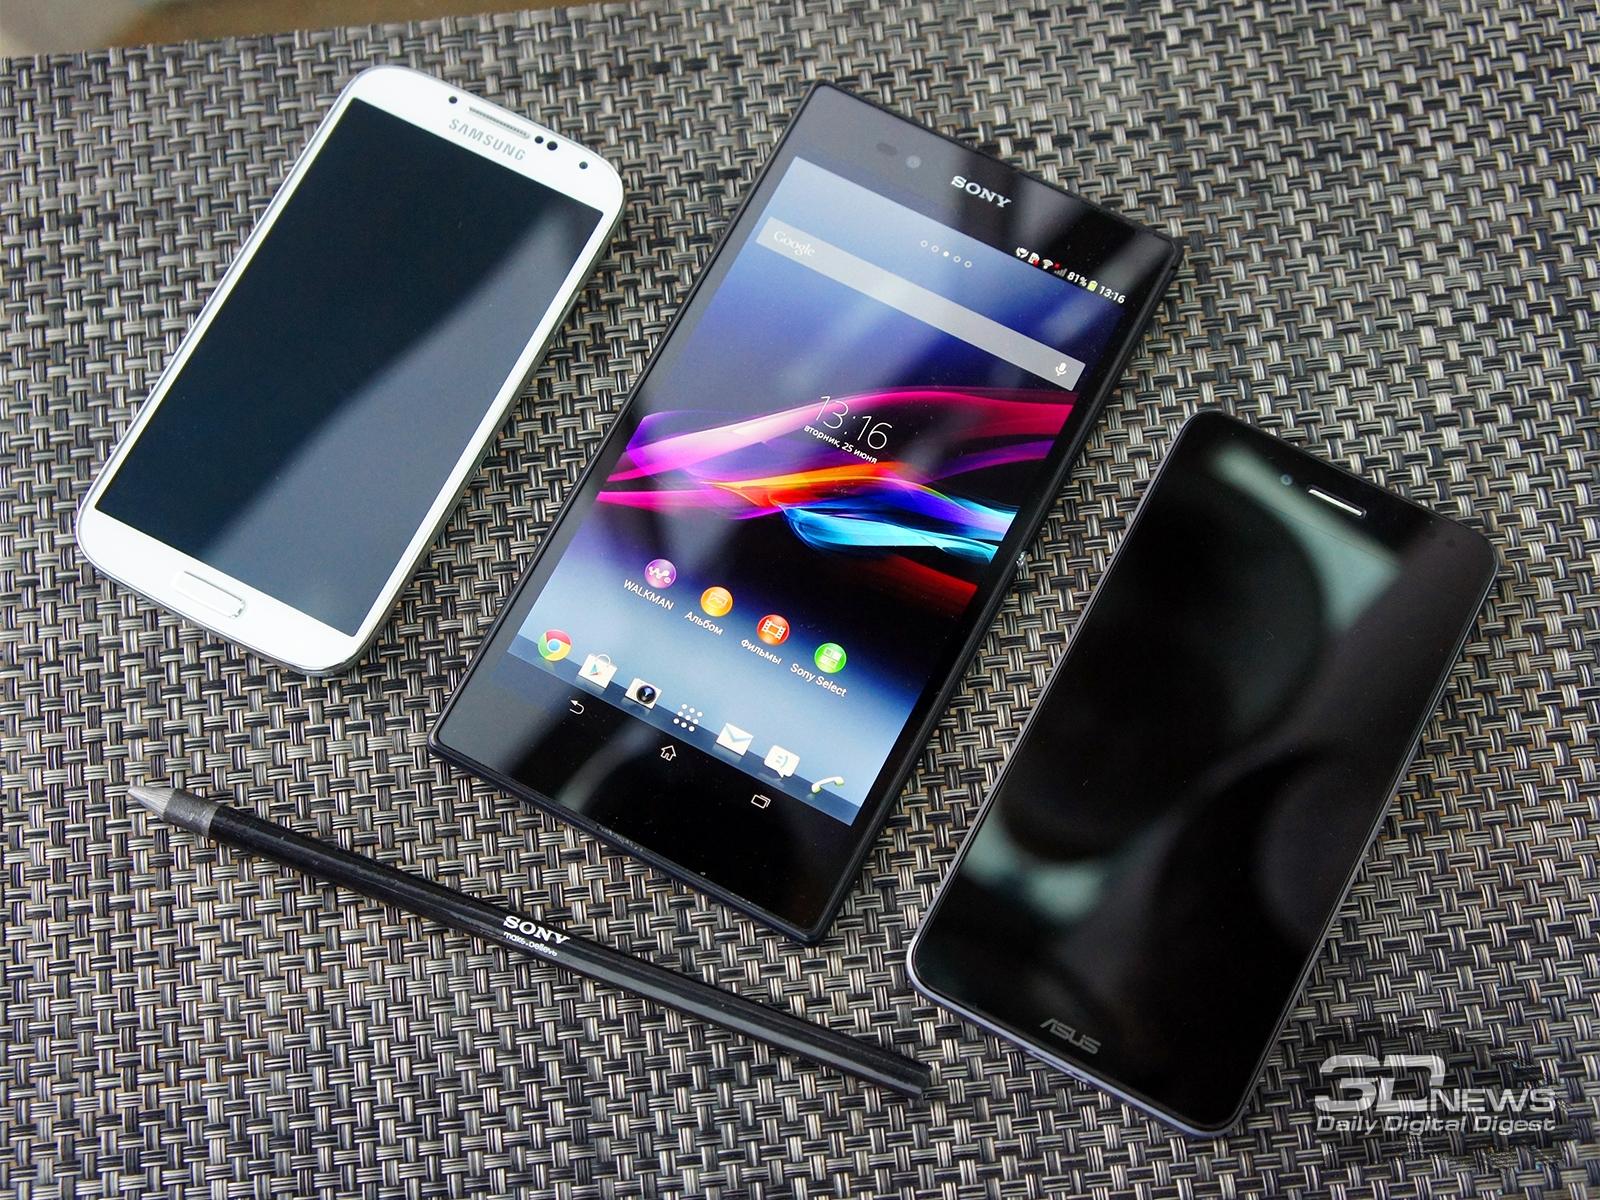 Превью Sony Xperia Z Ultra: шесть и четыре. Кто больше? / Сотовая ...